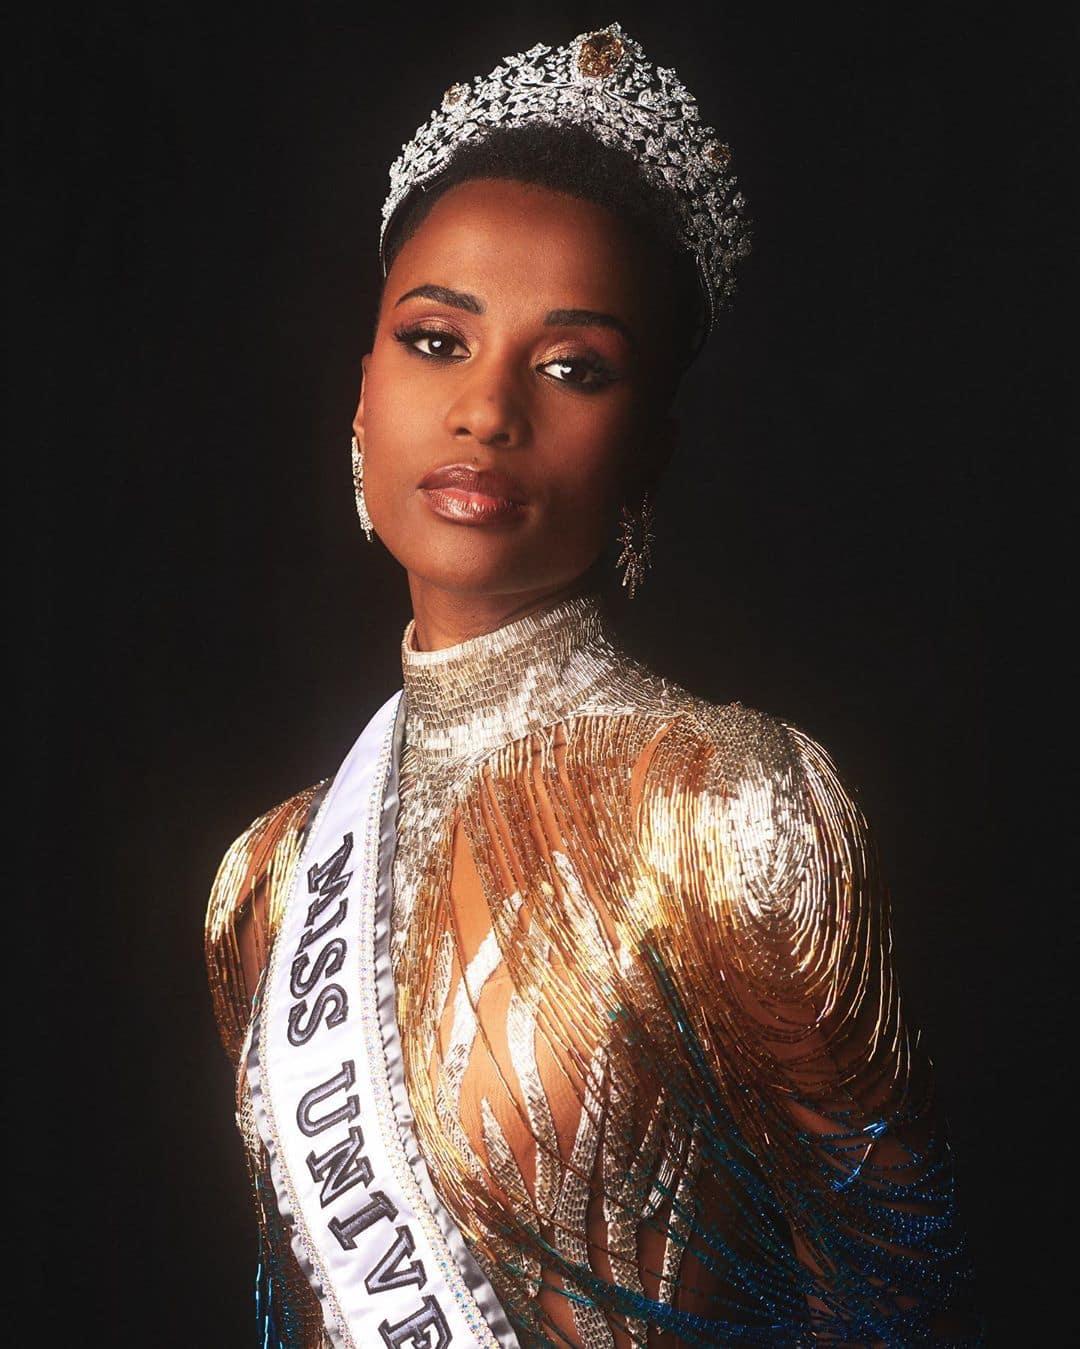 Zozibini Tunzi is Miss Universe 2019